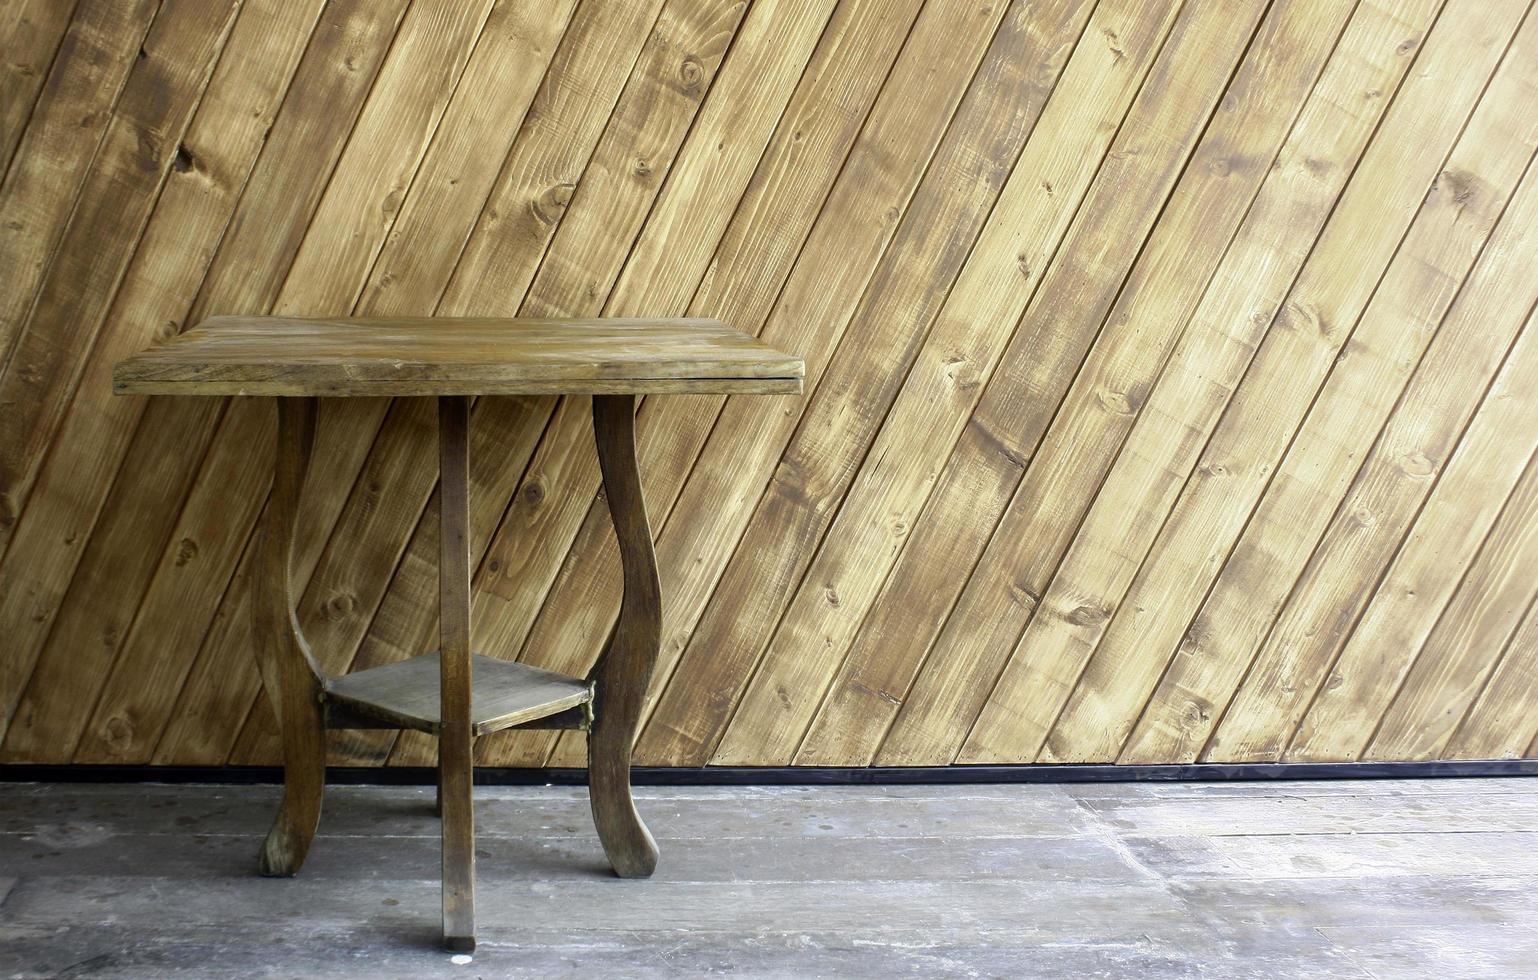 houten tafel op beton foto